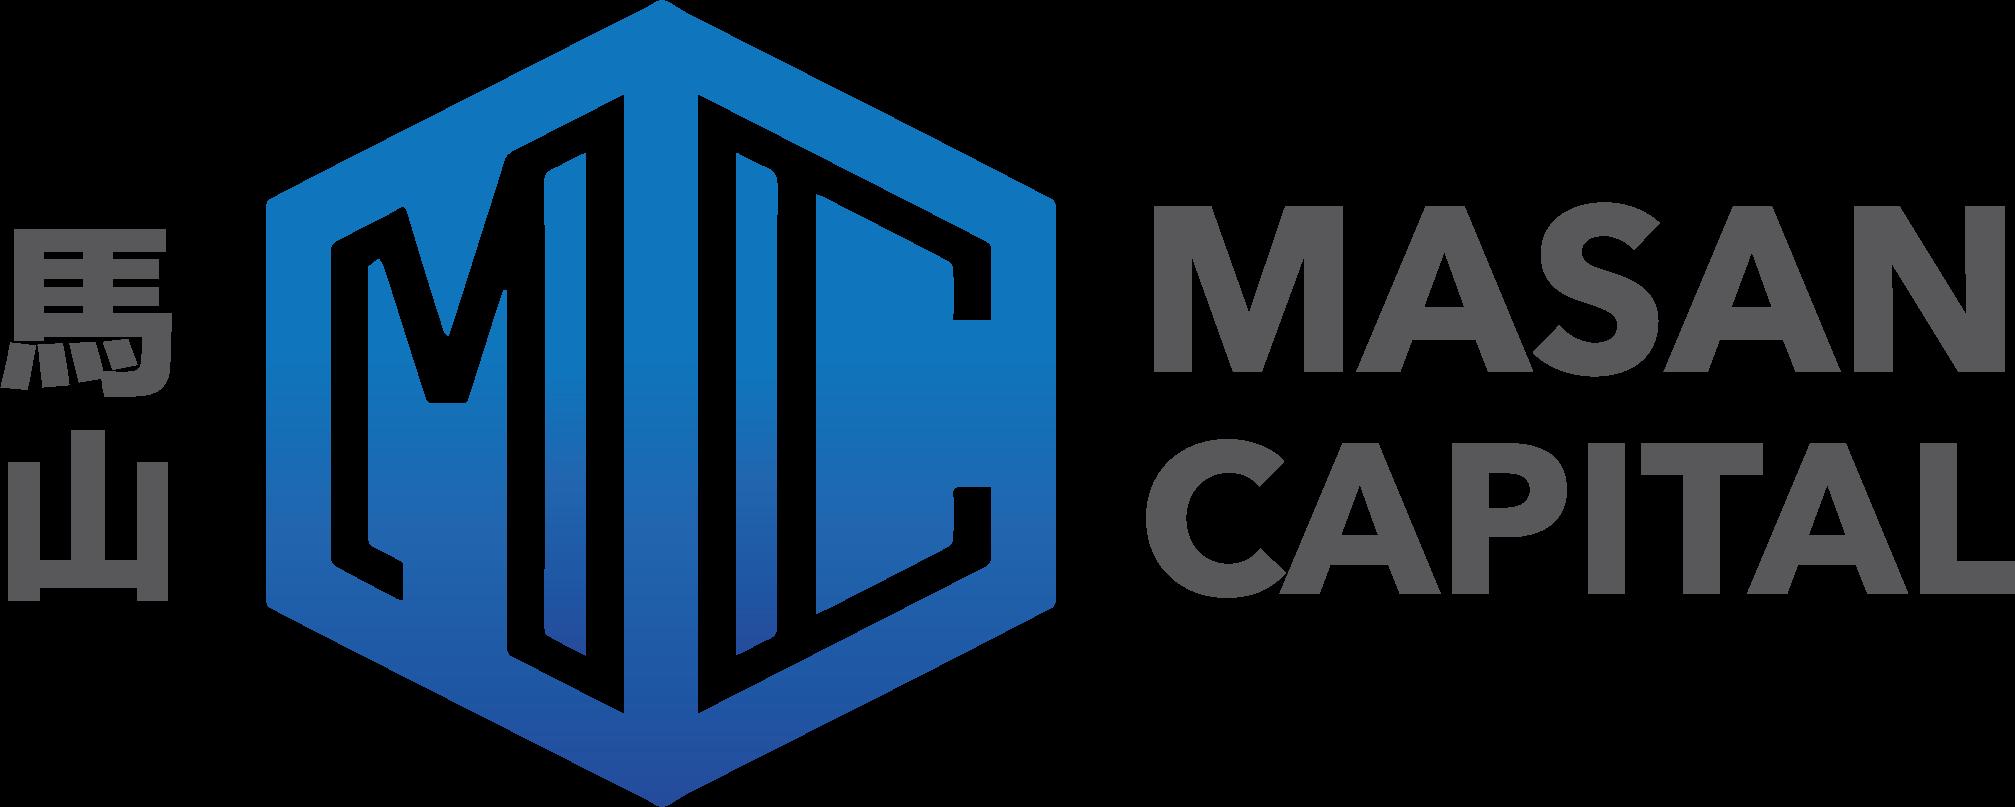 Masan_logo_color